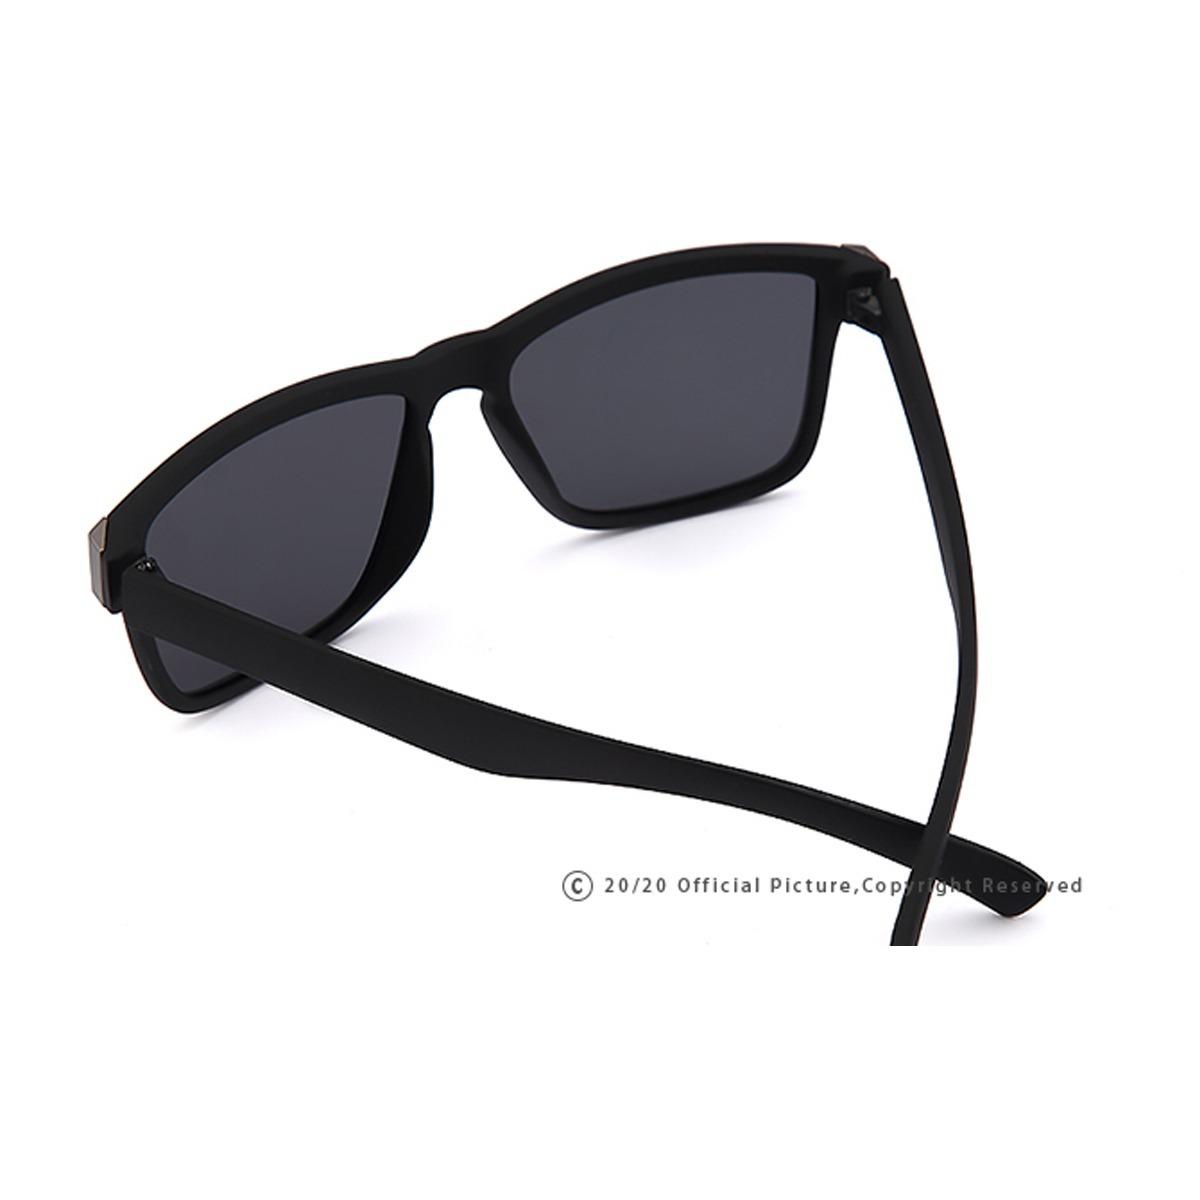 Oculos De Sol Masculino 20 20 Preto Espelhado Oculos Redondo - R  52 ... d86e1b8e4b